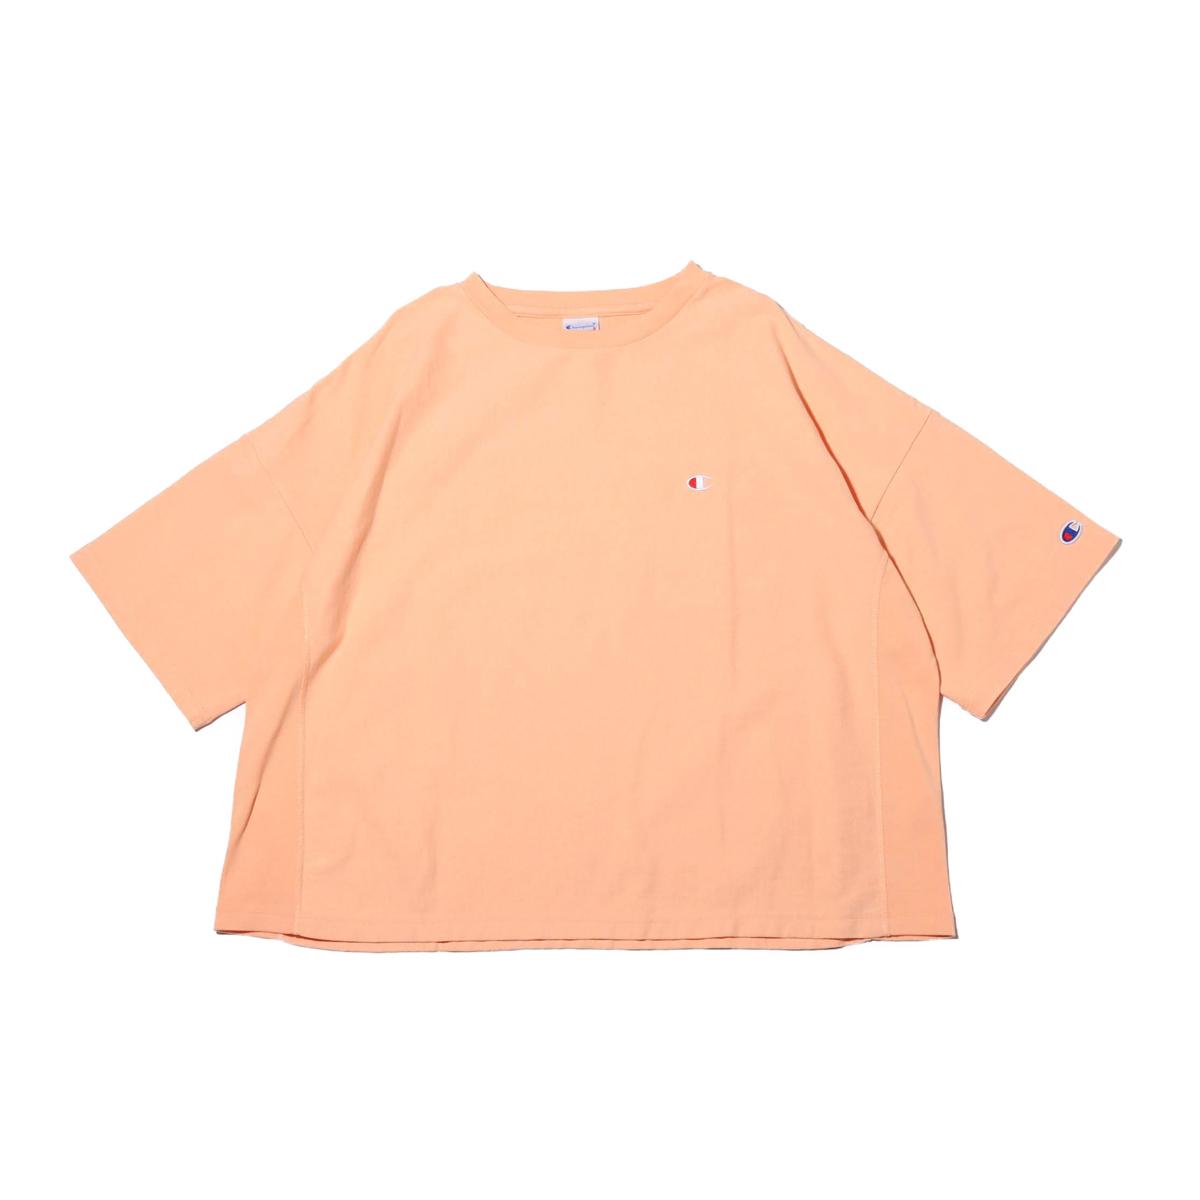 Champion RW T-SHIRT (チャンピオン リバースウィーブ ティーシャツ)サーモンピンク【レディース 半袖Tシャツ】19SP-I